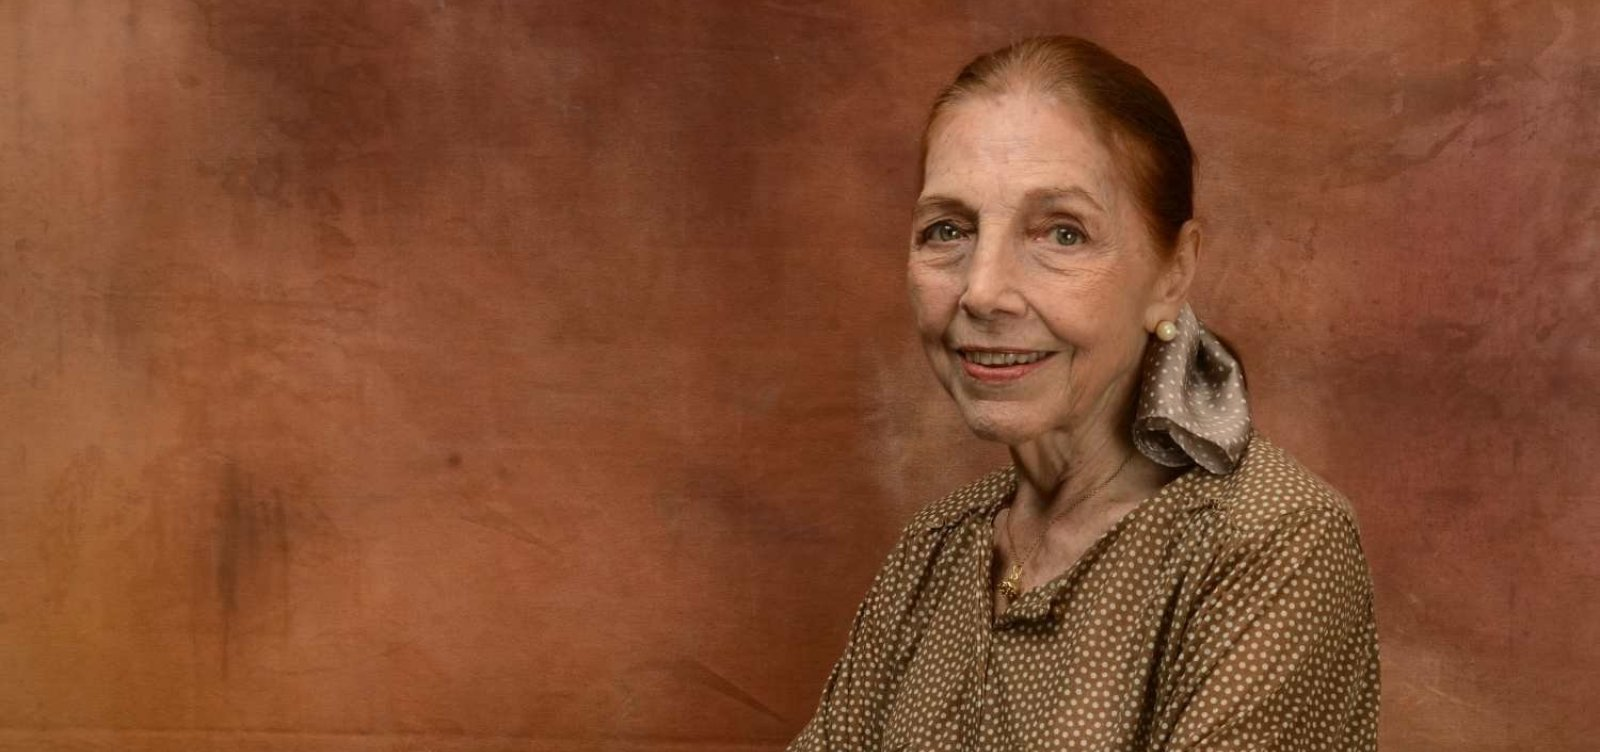 [Poeta Marina Colasanti lança novo livro em meio à pandemia: 'Um diálogo com a vida e com a morte']